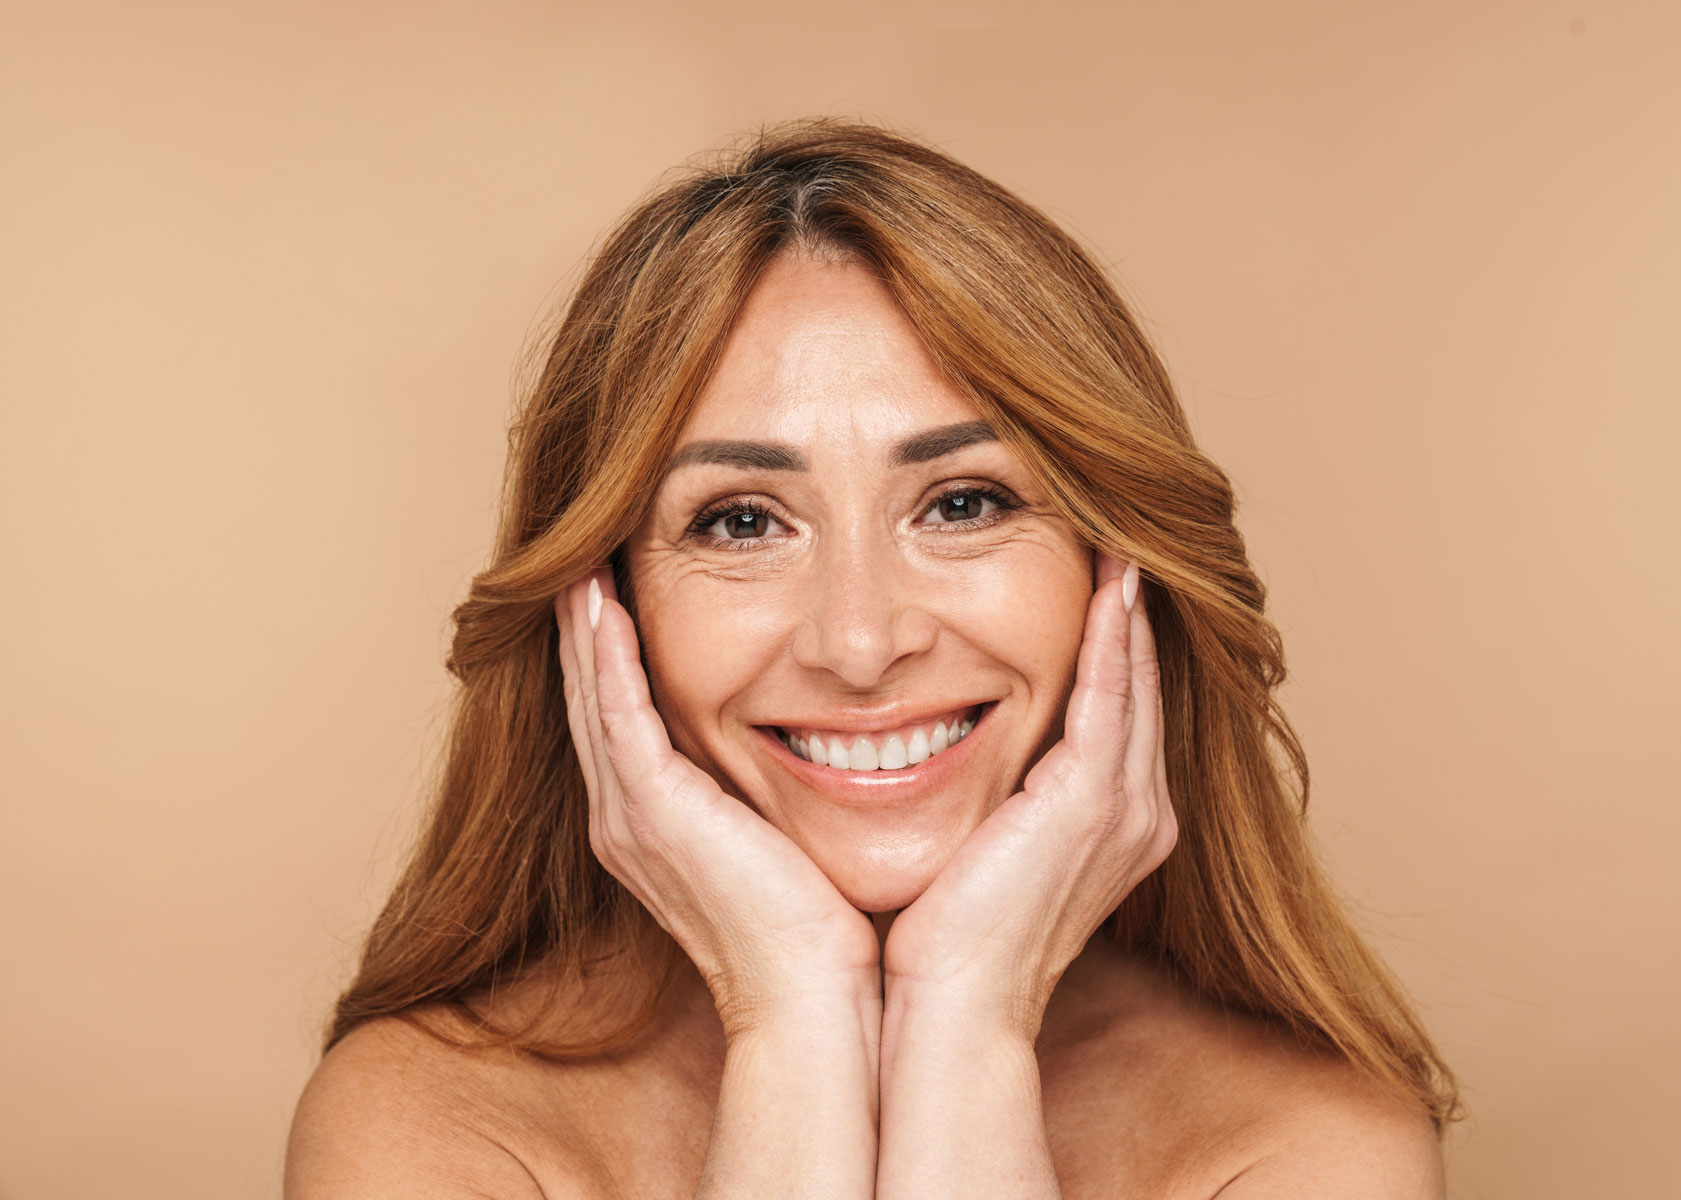 Dermalux LED Facial Treatment